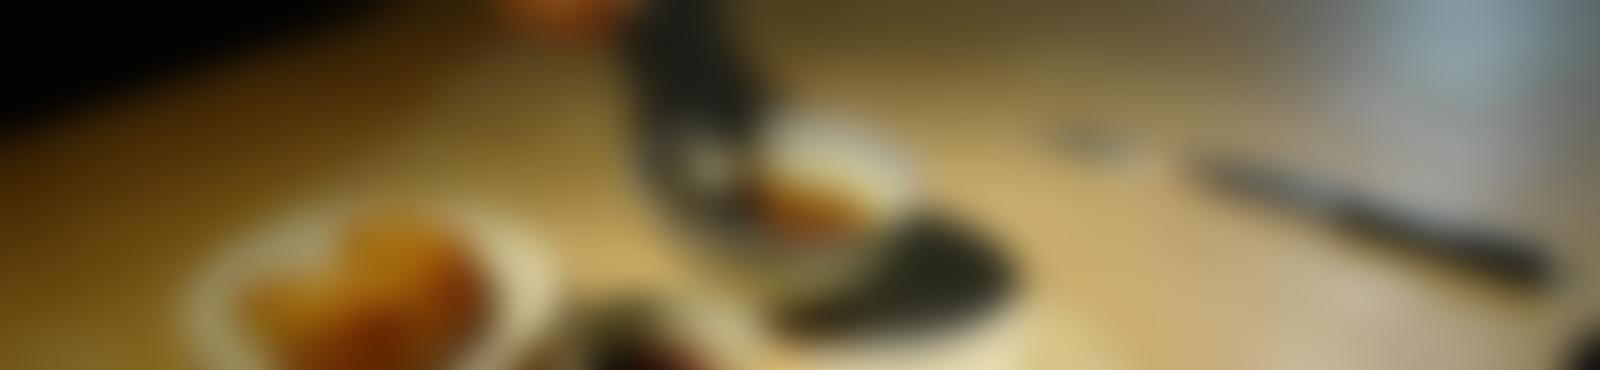 Blurred 5bee9faa dad3 43f4 b0b1 16c392e2fb3b